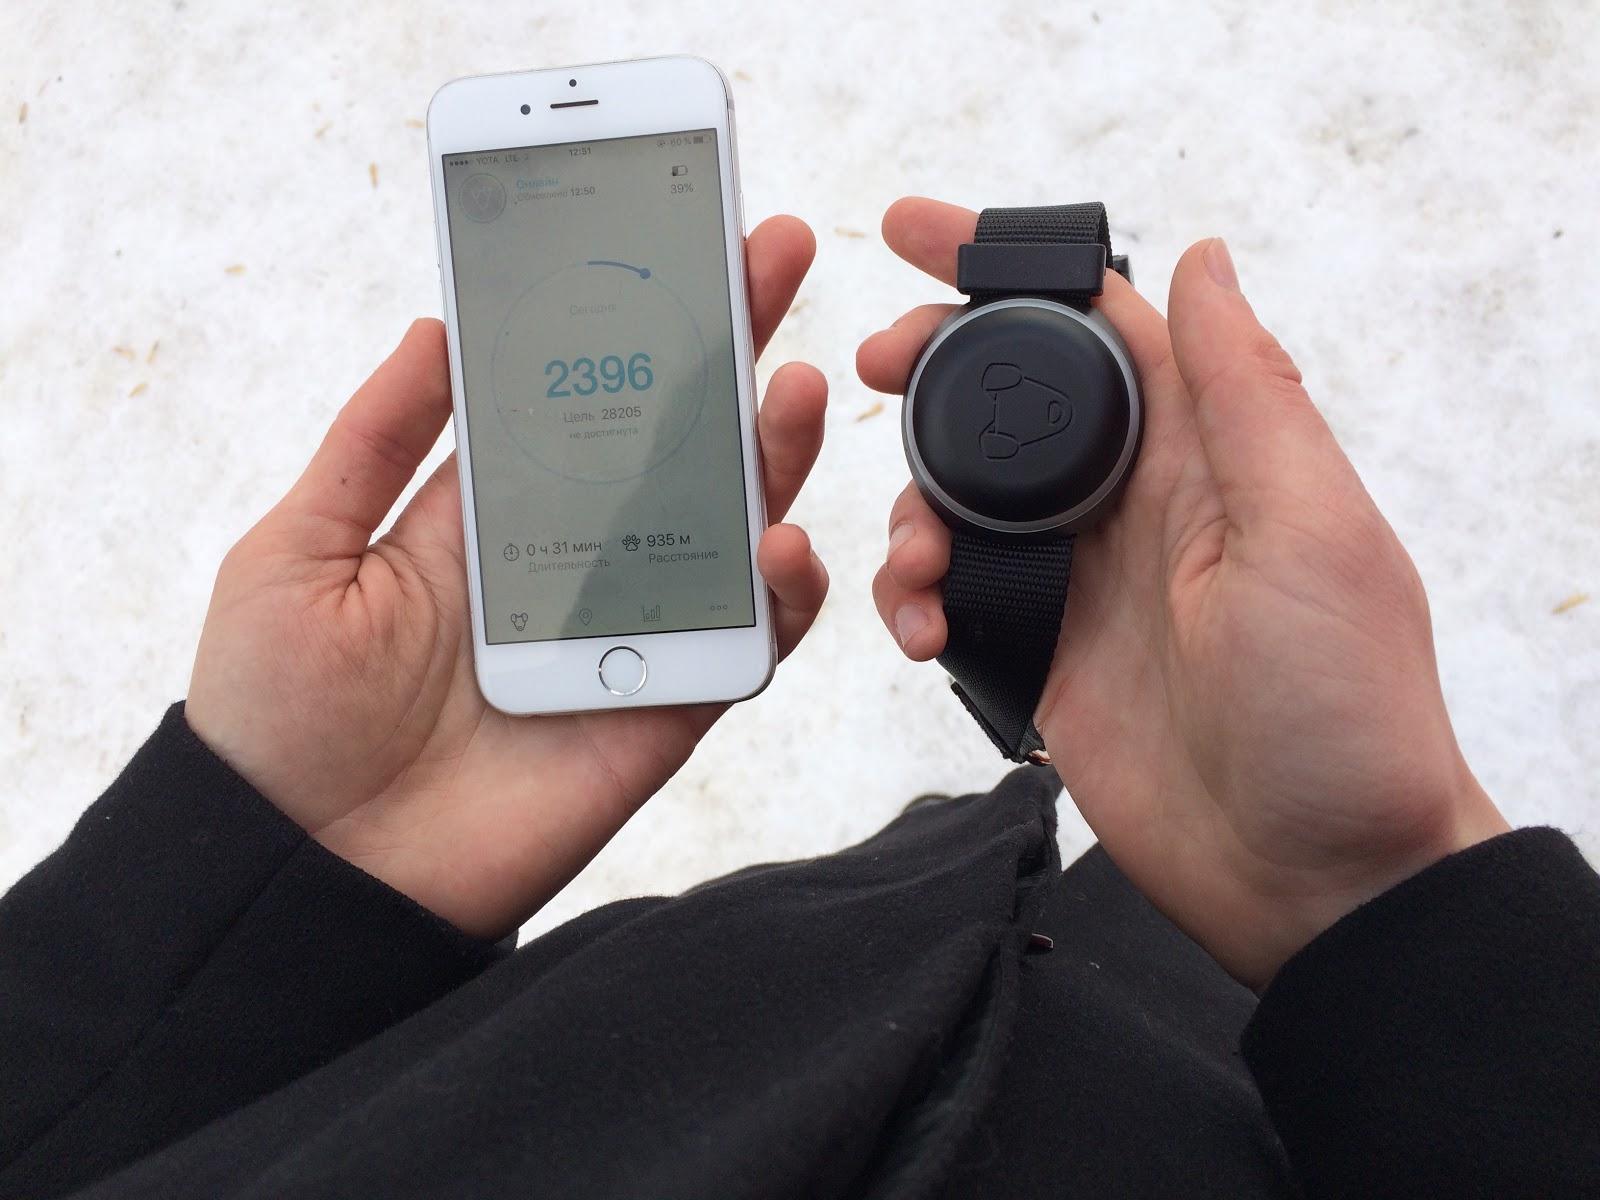 Тестируем на животных: как работает GPS-трекер для собак Mishiko в Москве? - 6